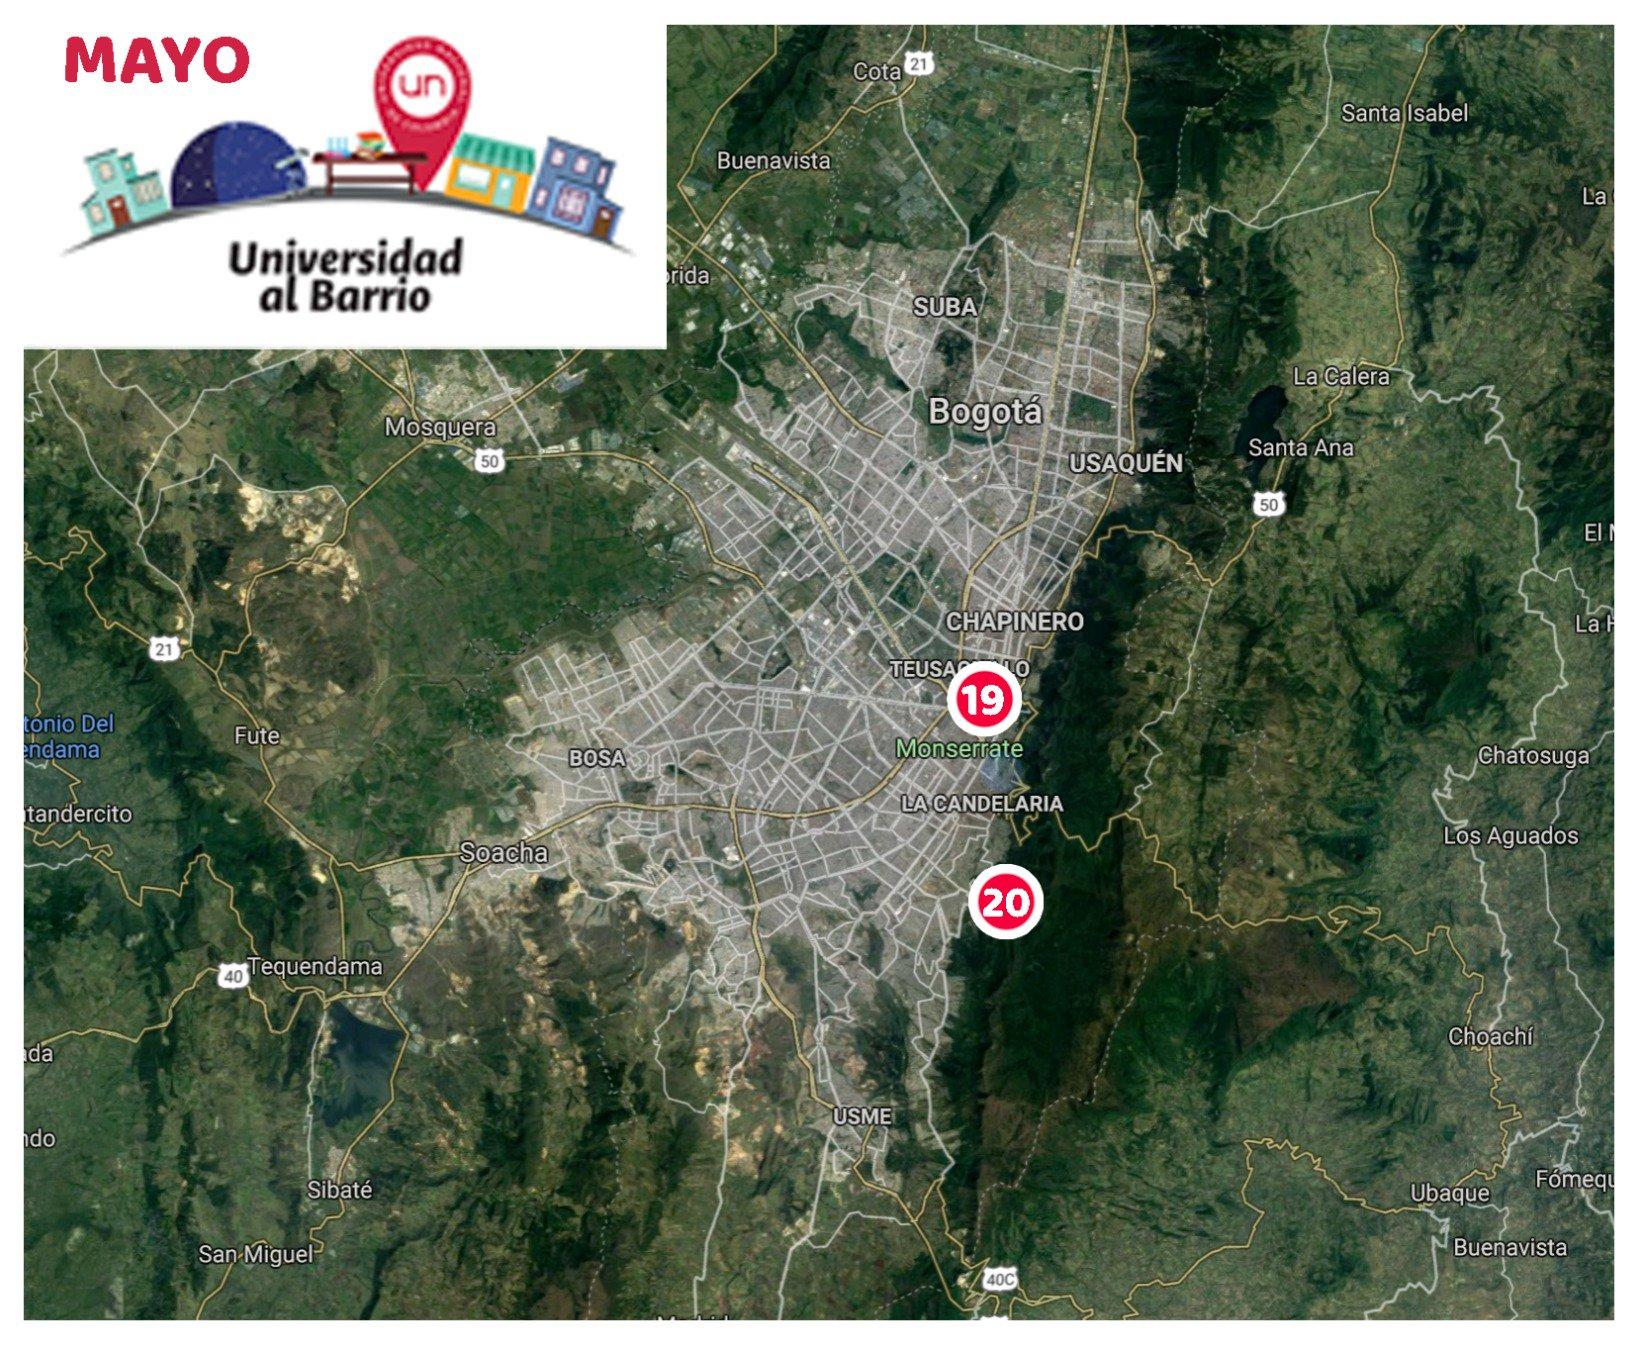 Mapa (fuente: profesor Santiago Vargas Domínguez)